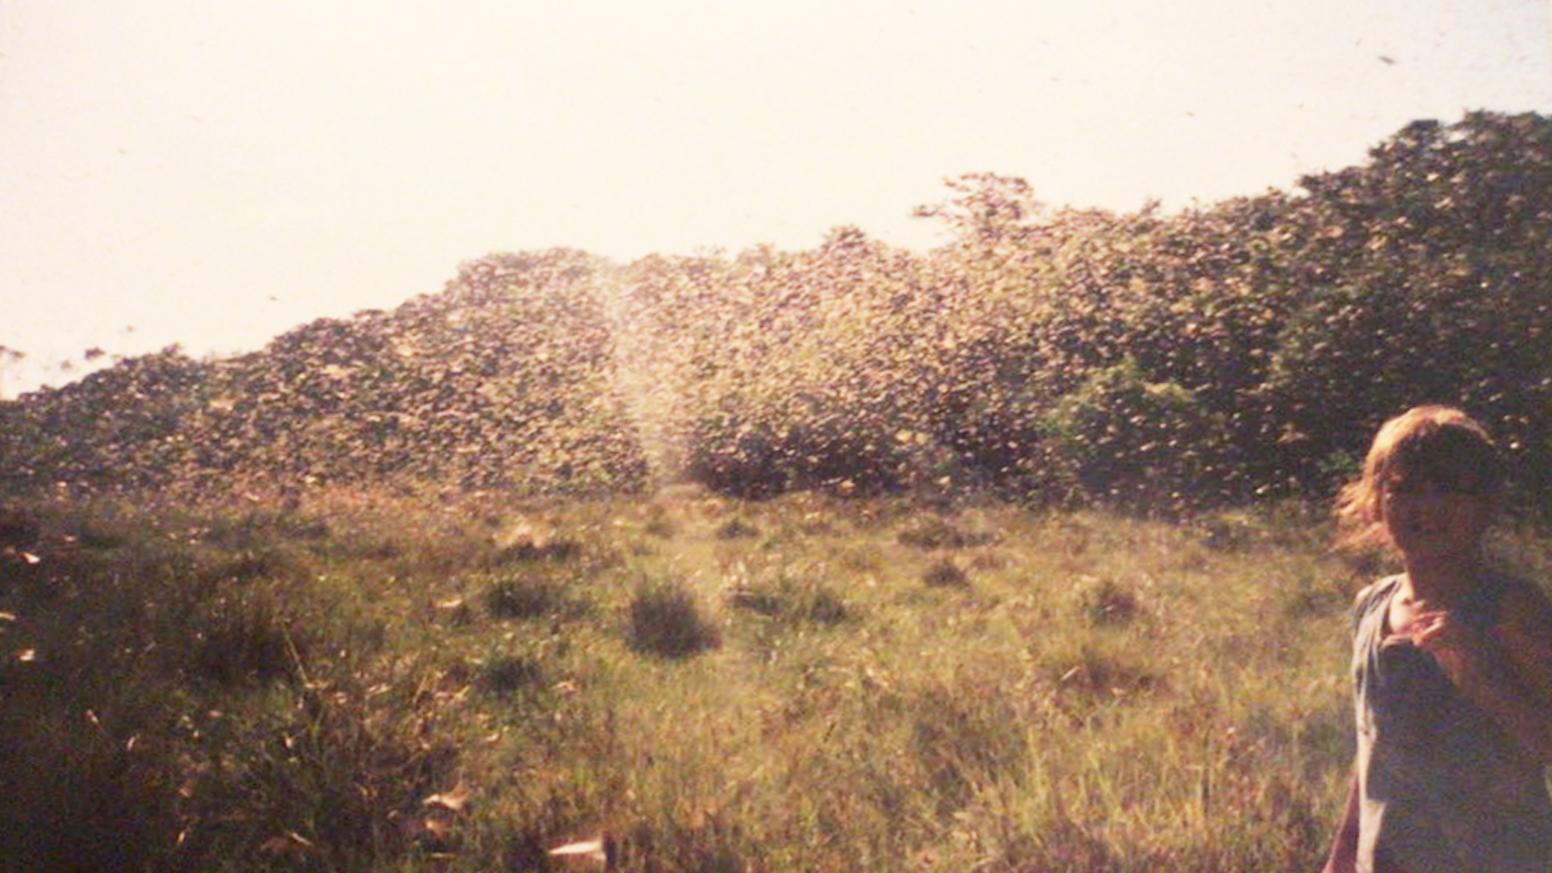 Sol del llano- Cortometraje